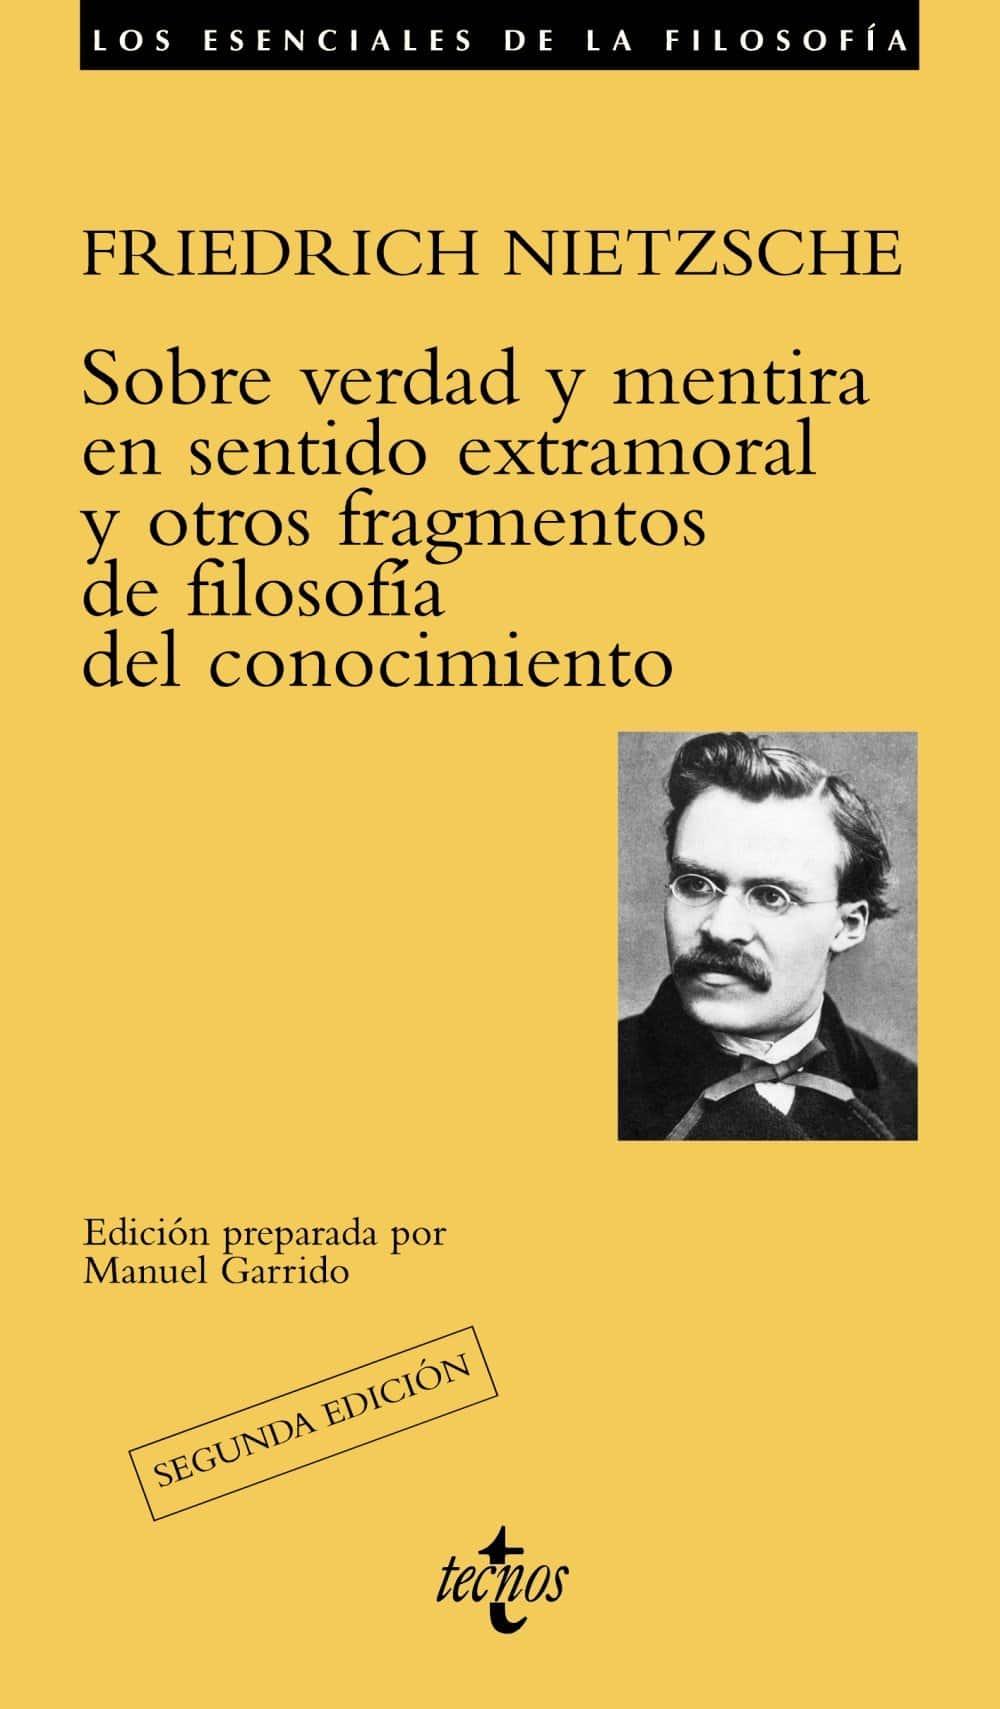 """Libro """"Sobre verdad y mentira en sentido extramoral"""" de Friedrich Nietzsche."""